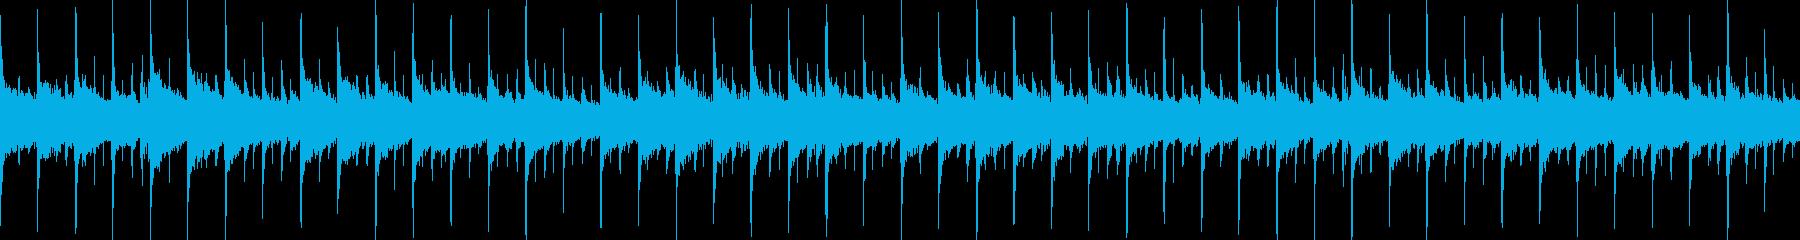 キラキラかわいい童謡アレンジの再生済みの波形